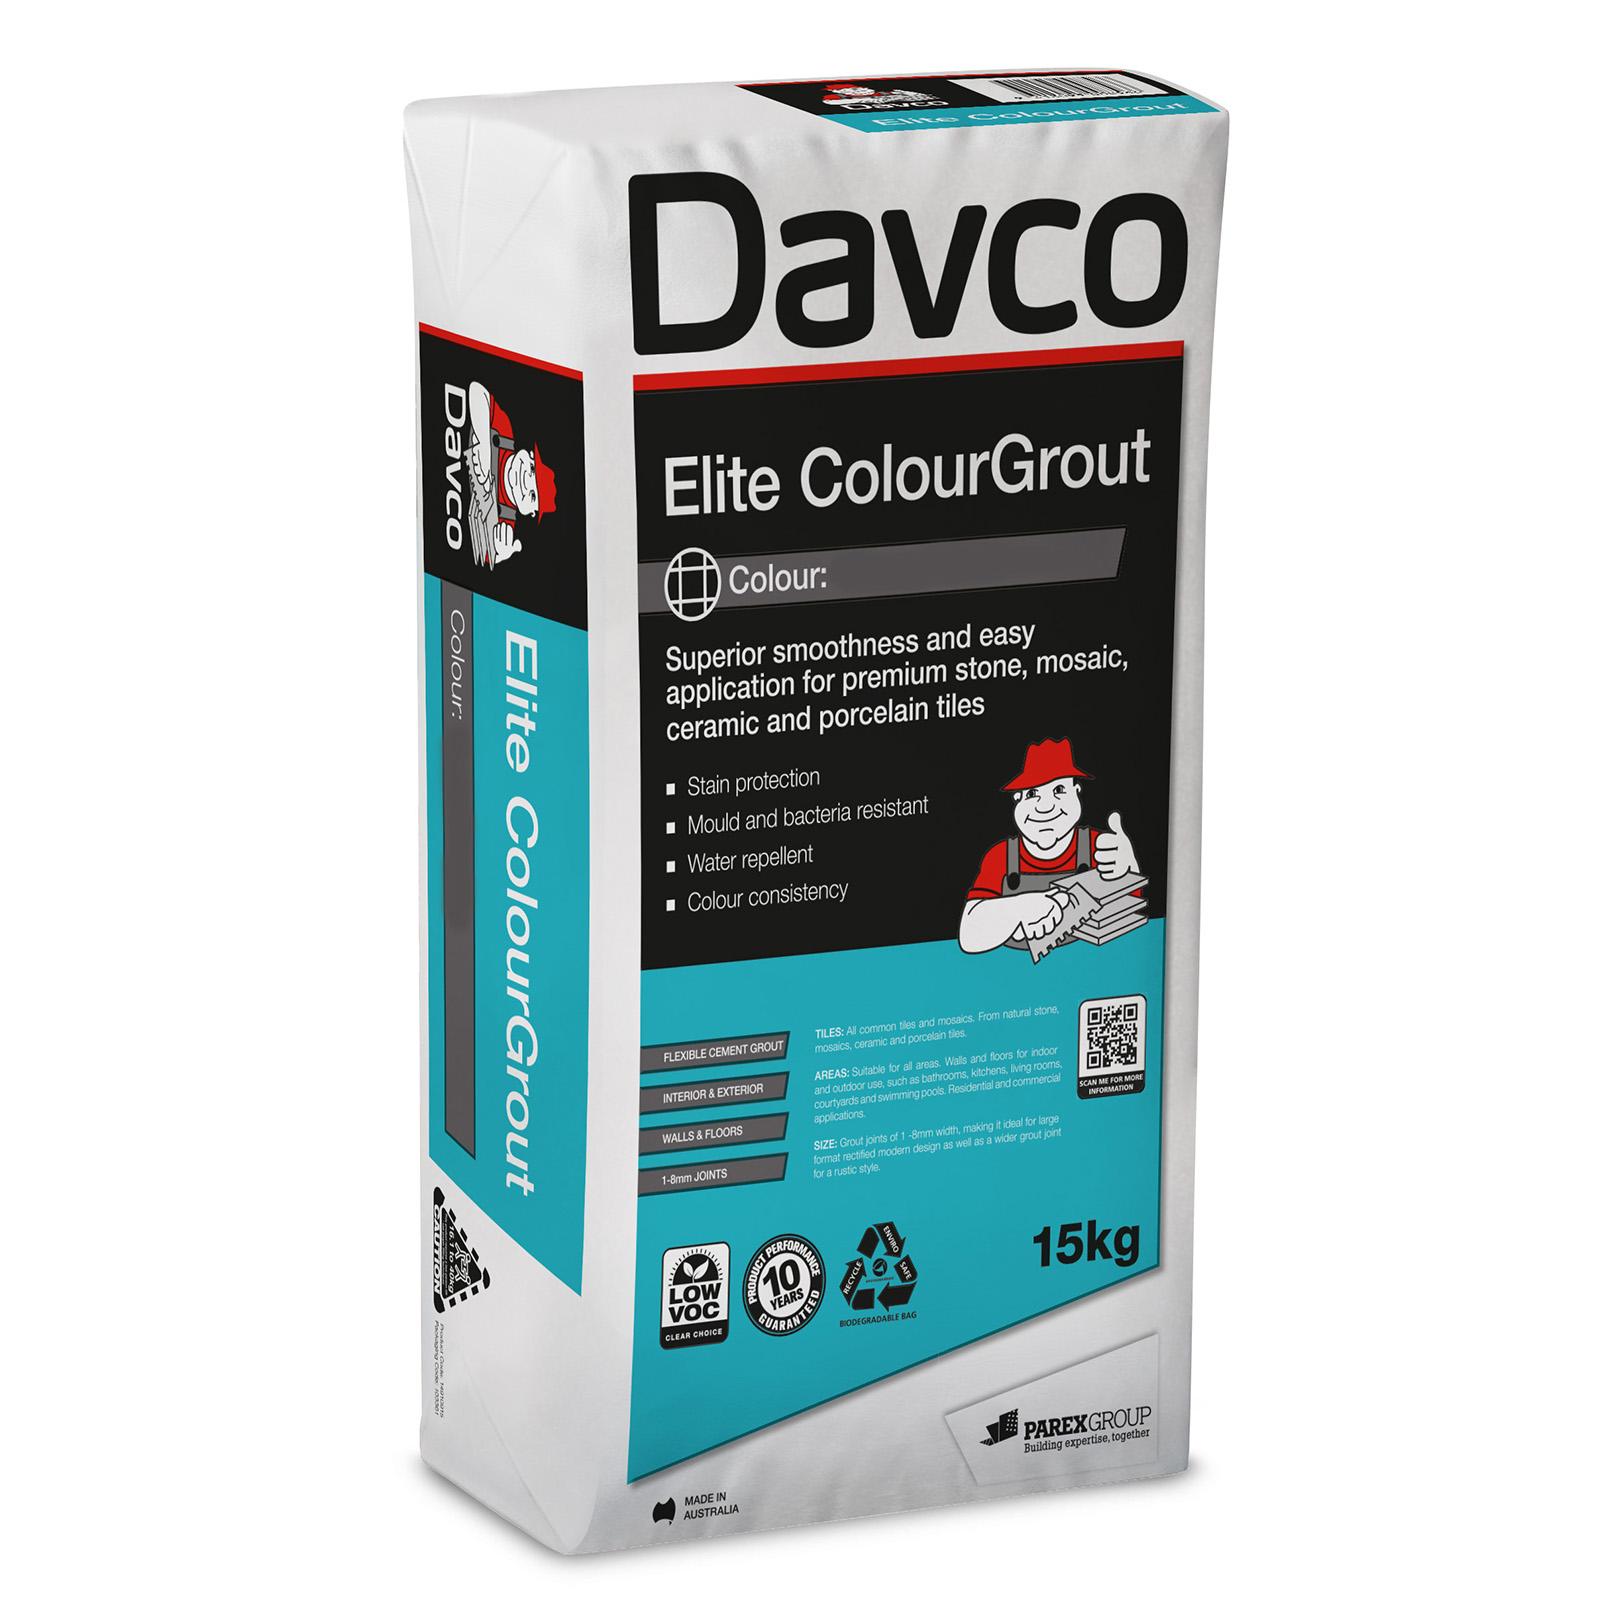 Davco 15kg Elite ColourGrout